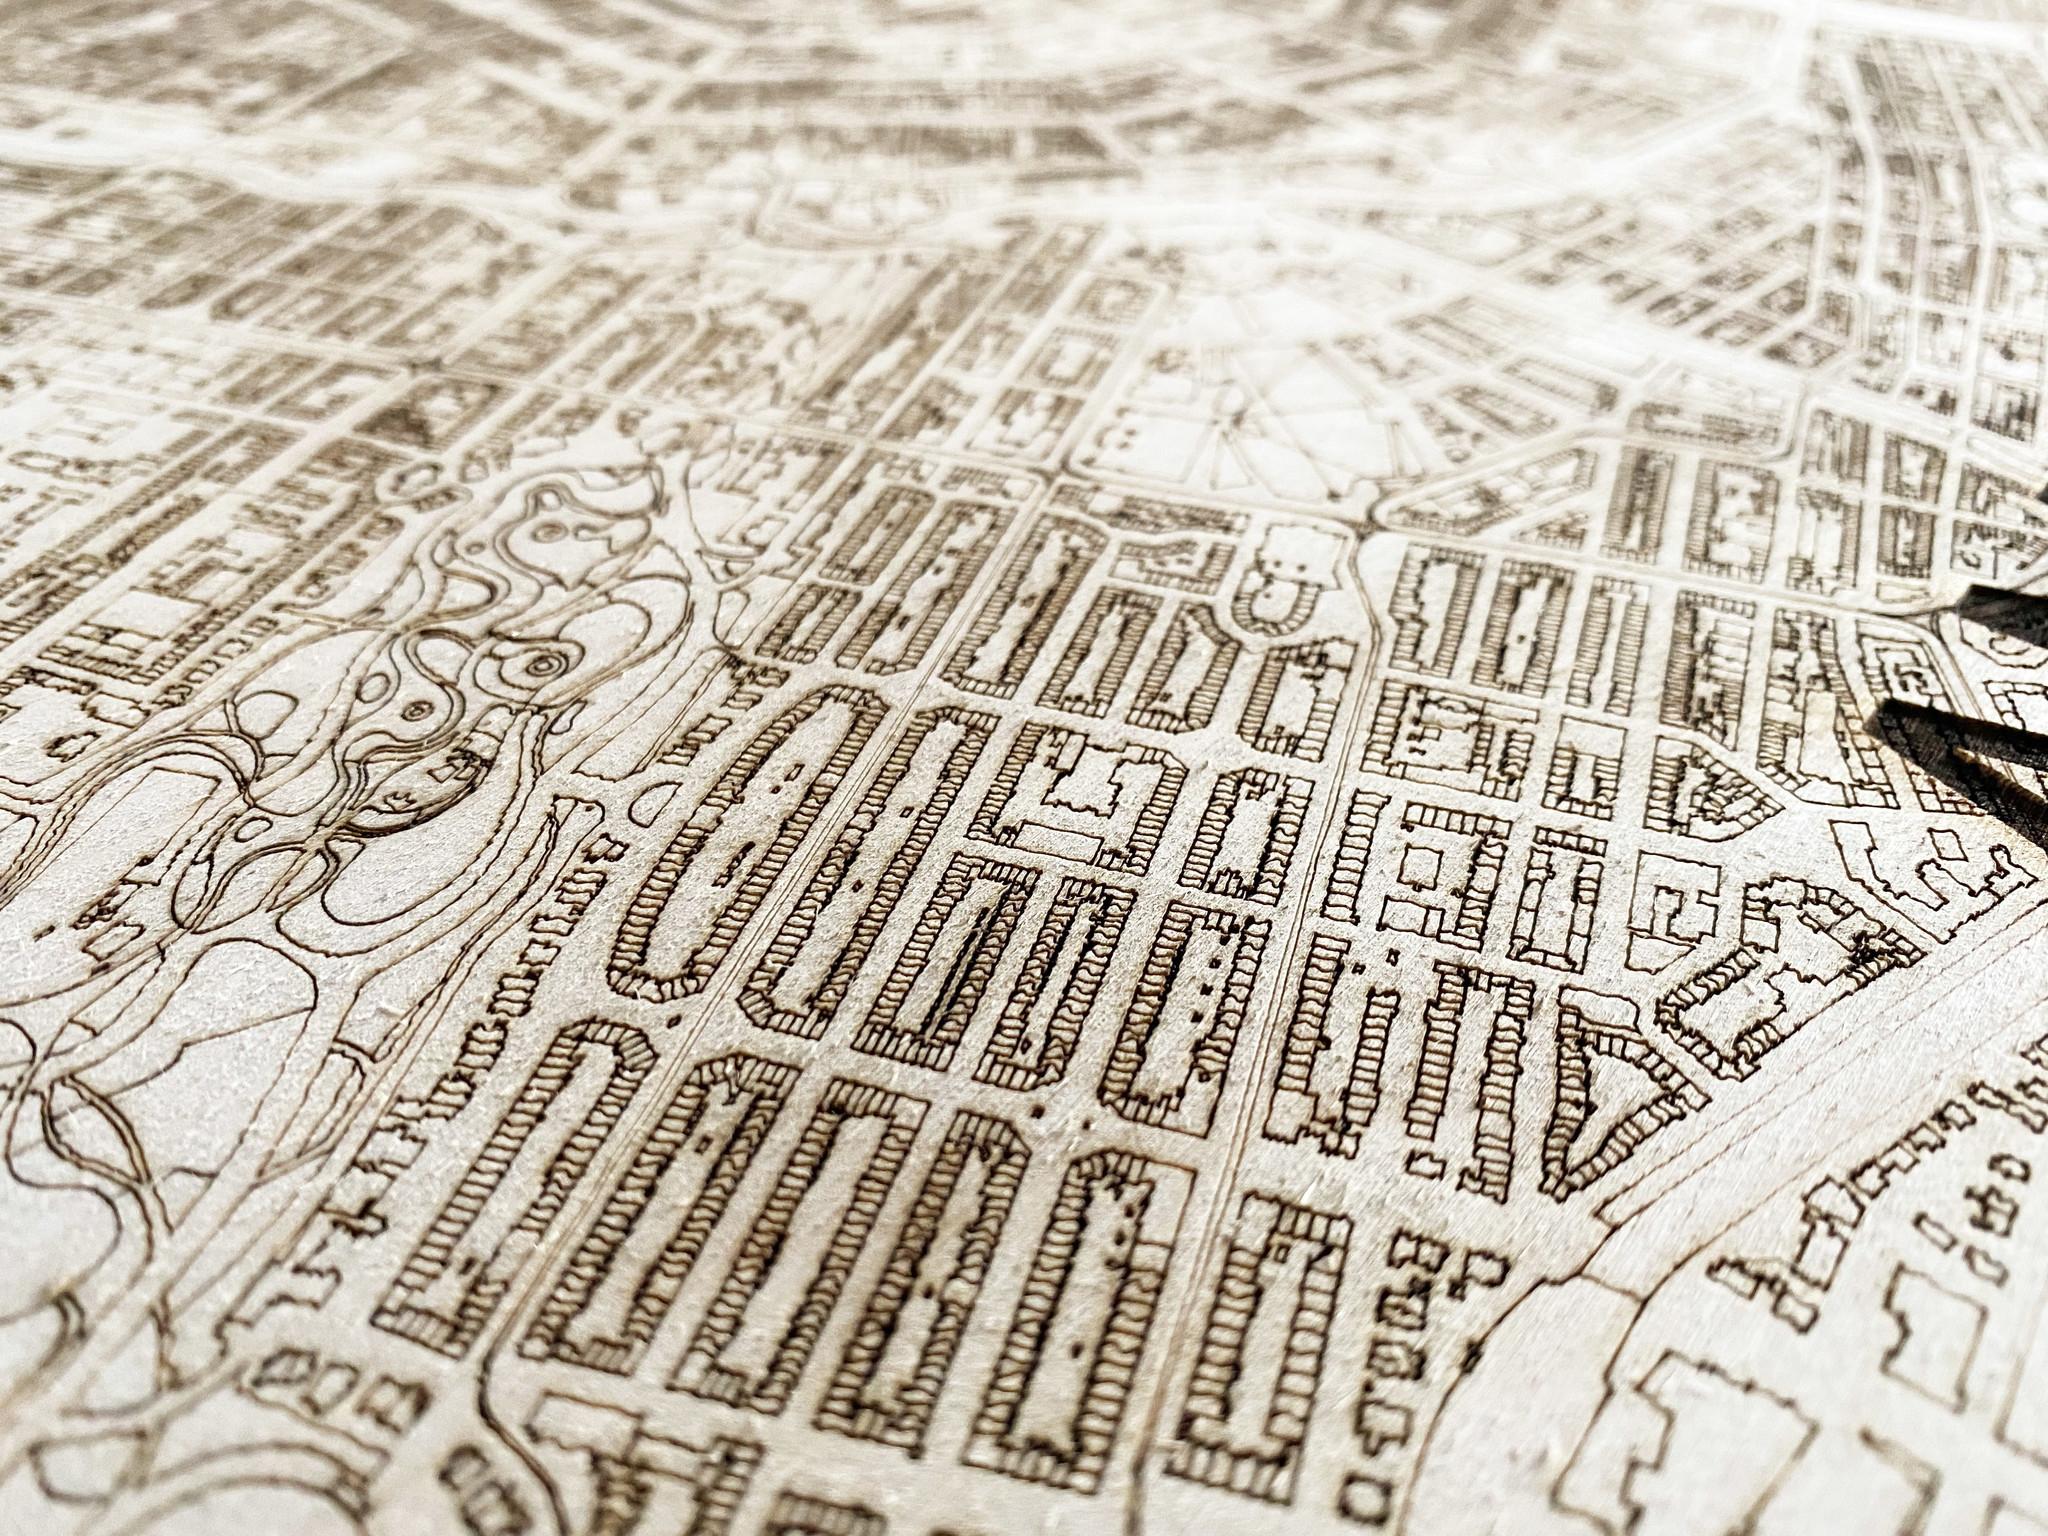 Houten stadsplattegrond Wageningen-3